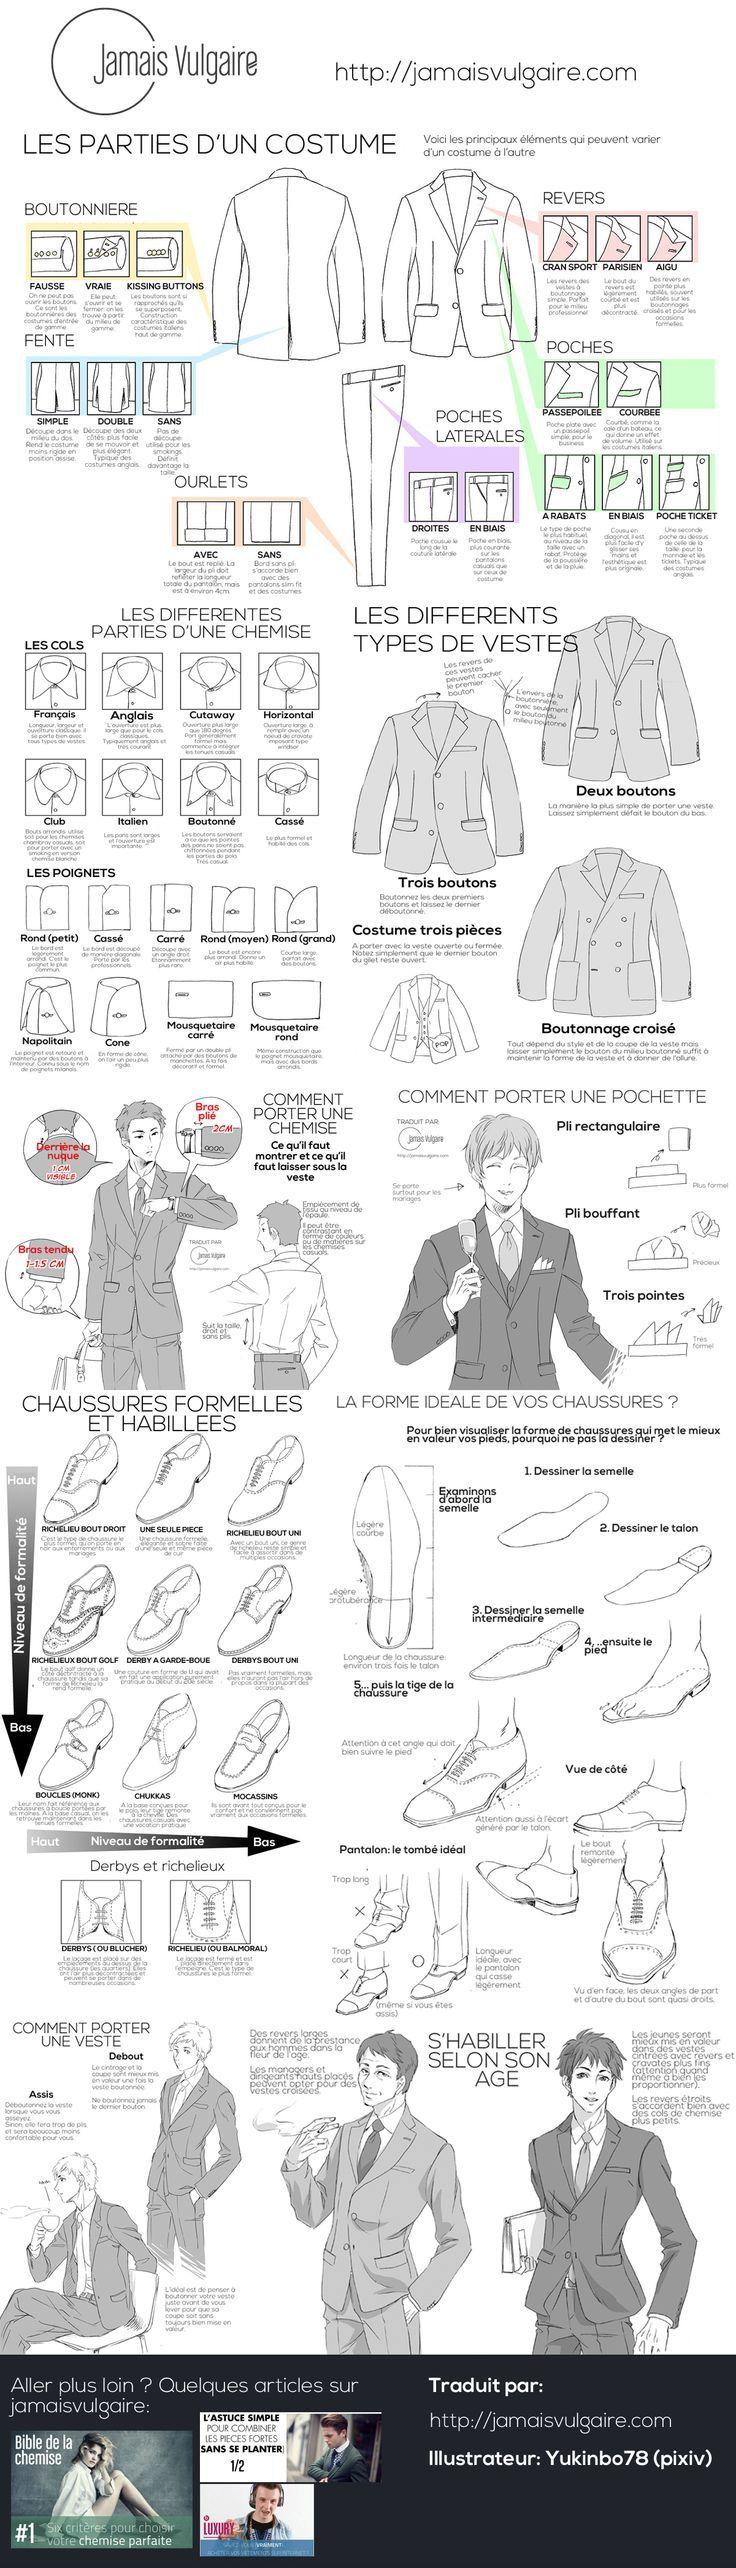 Les codes du formel en image - JAMAIS VULGAIRE, blog mode homme, magazine et relooking online: